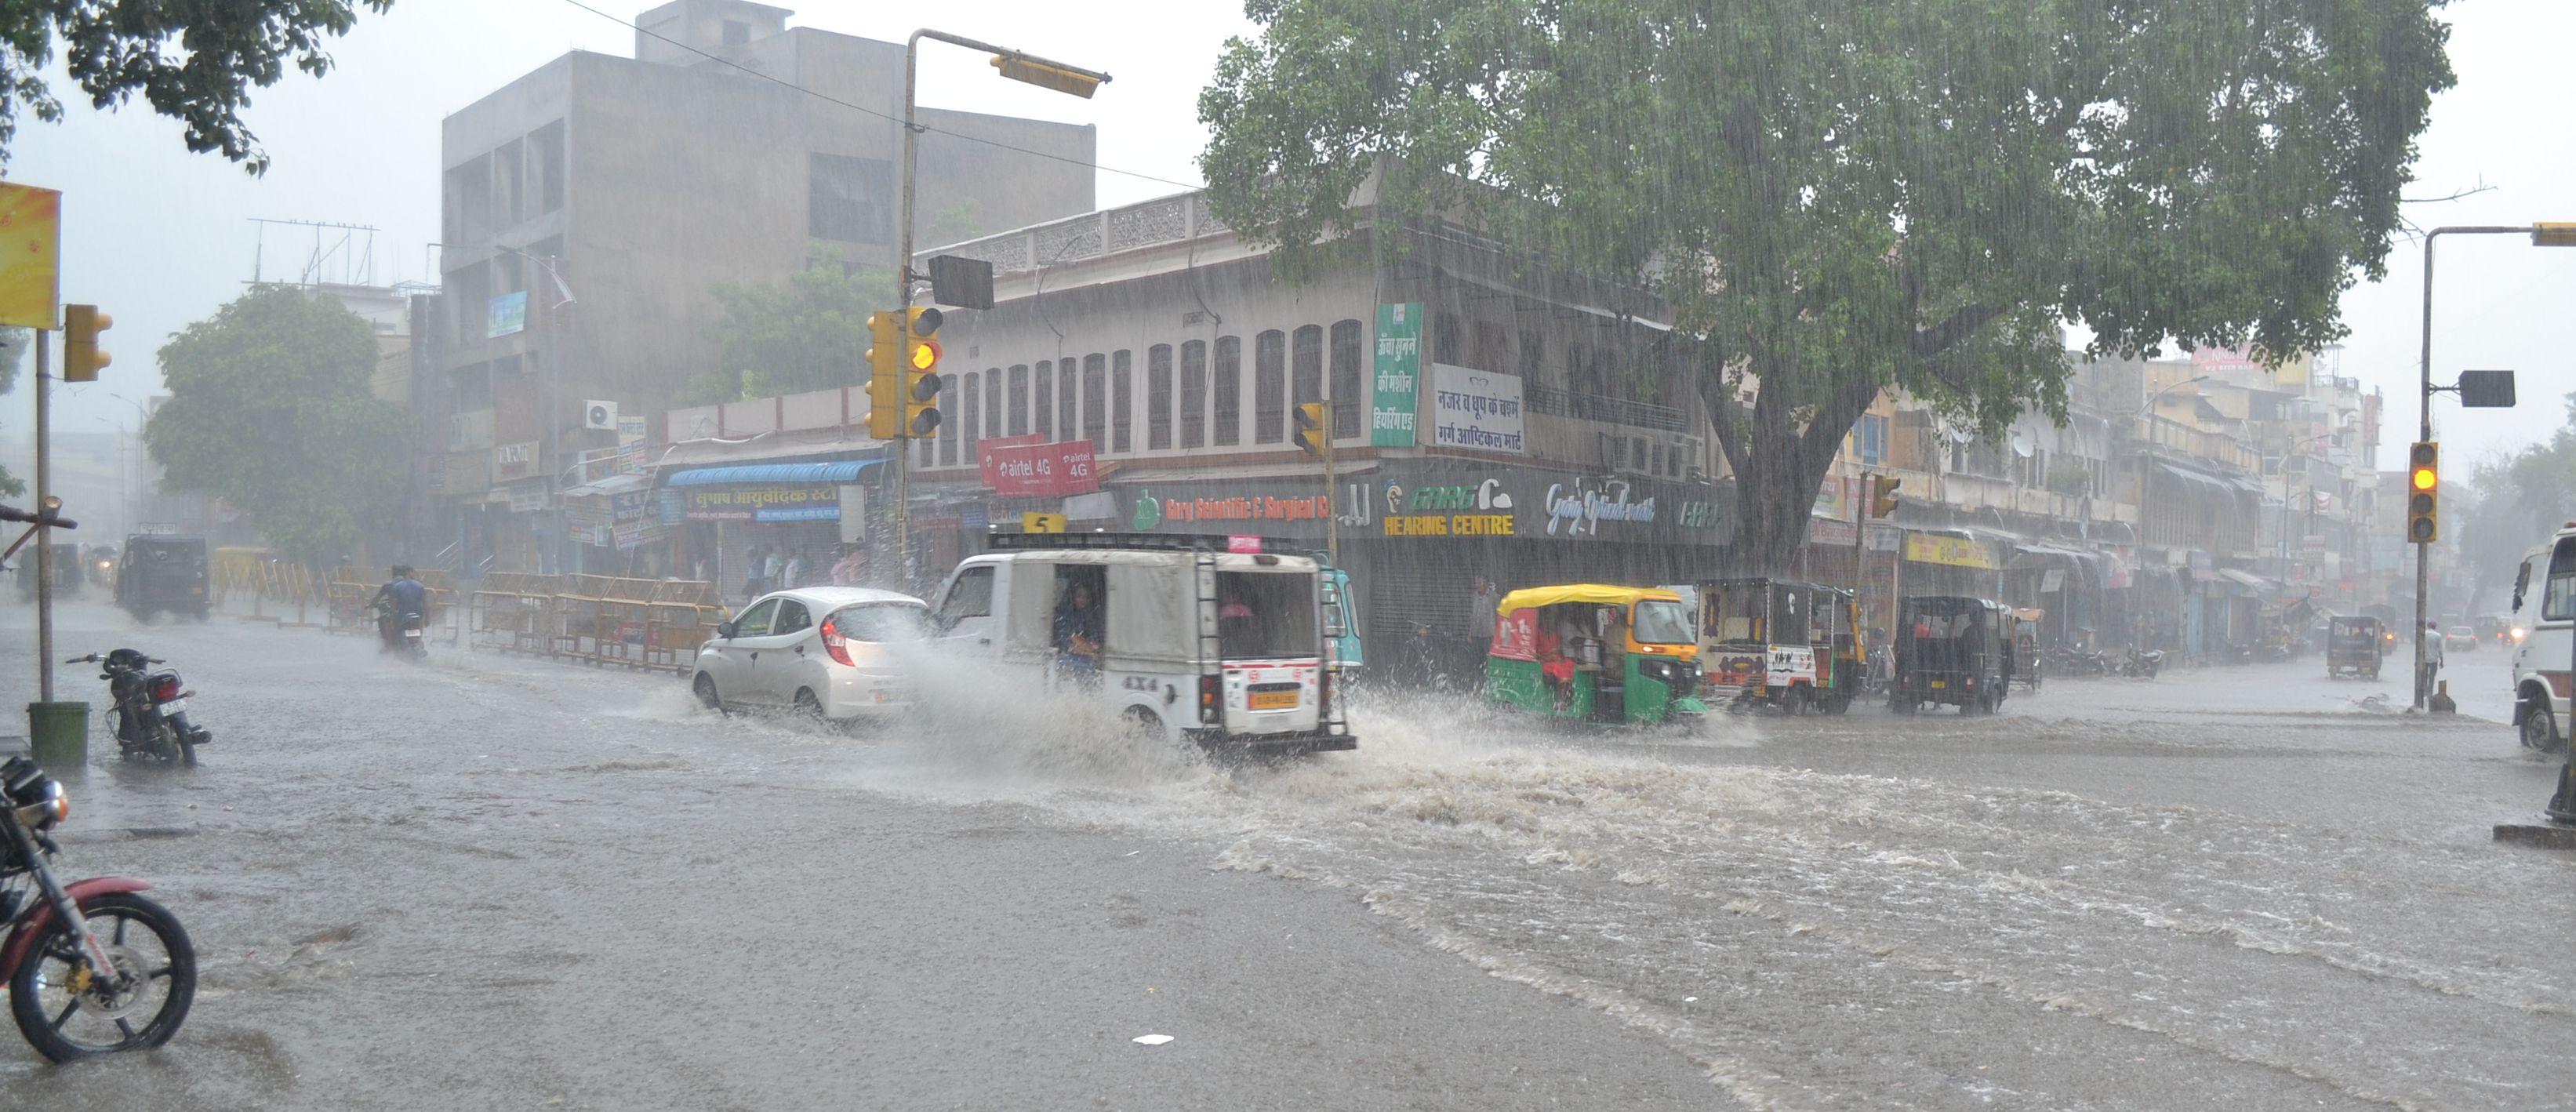 Rain in ajmer: 14 घंटे से लगातार बरसात, अजमेर में पानी ही पानी